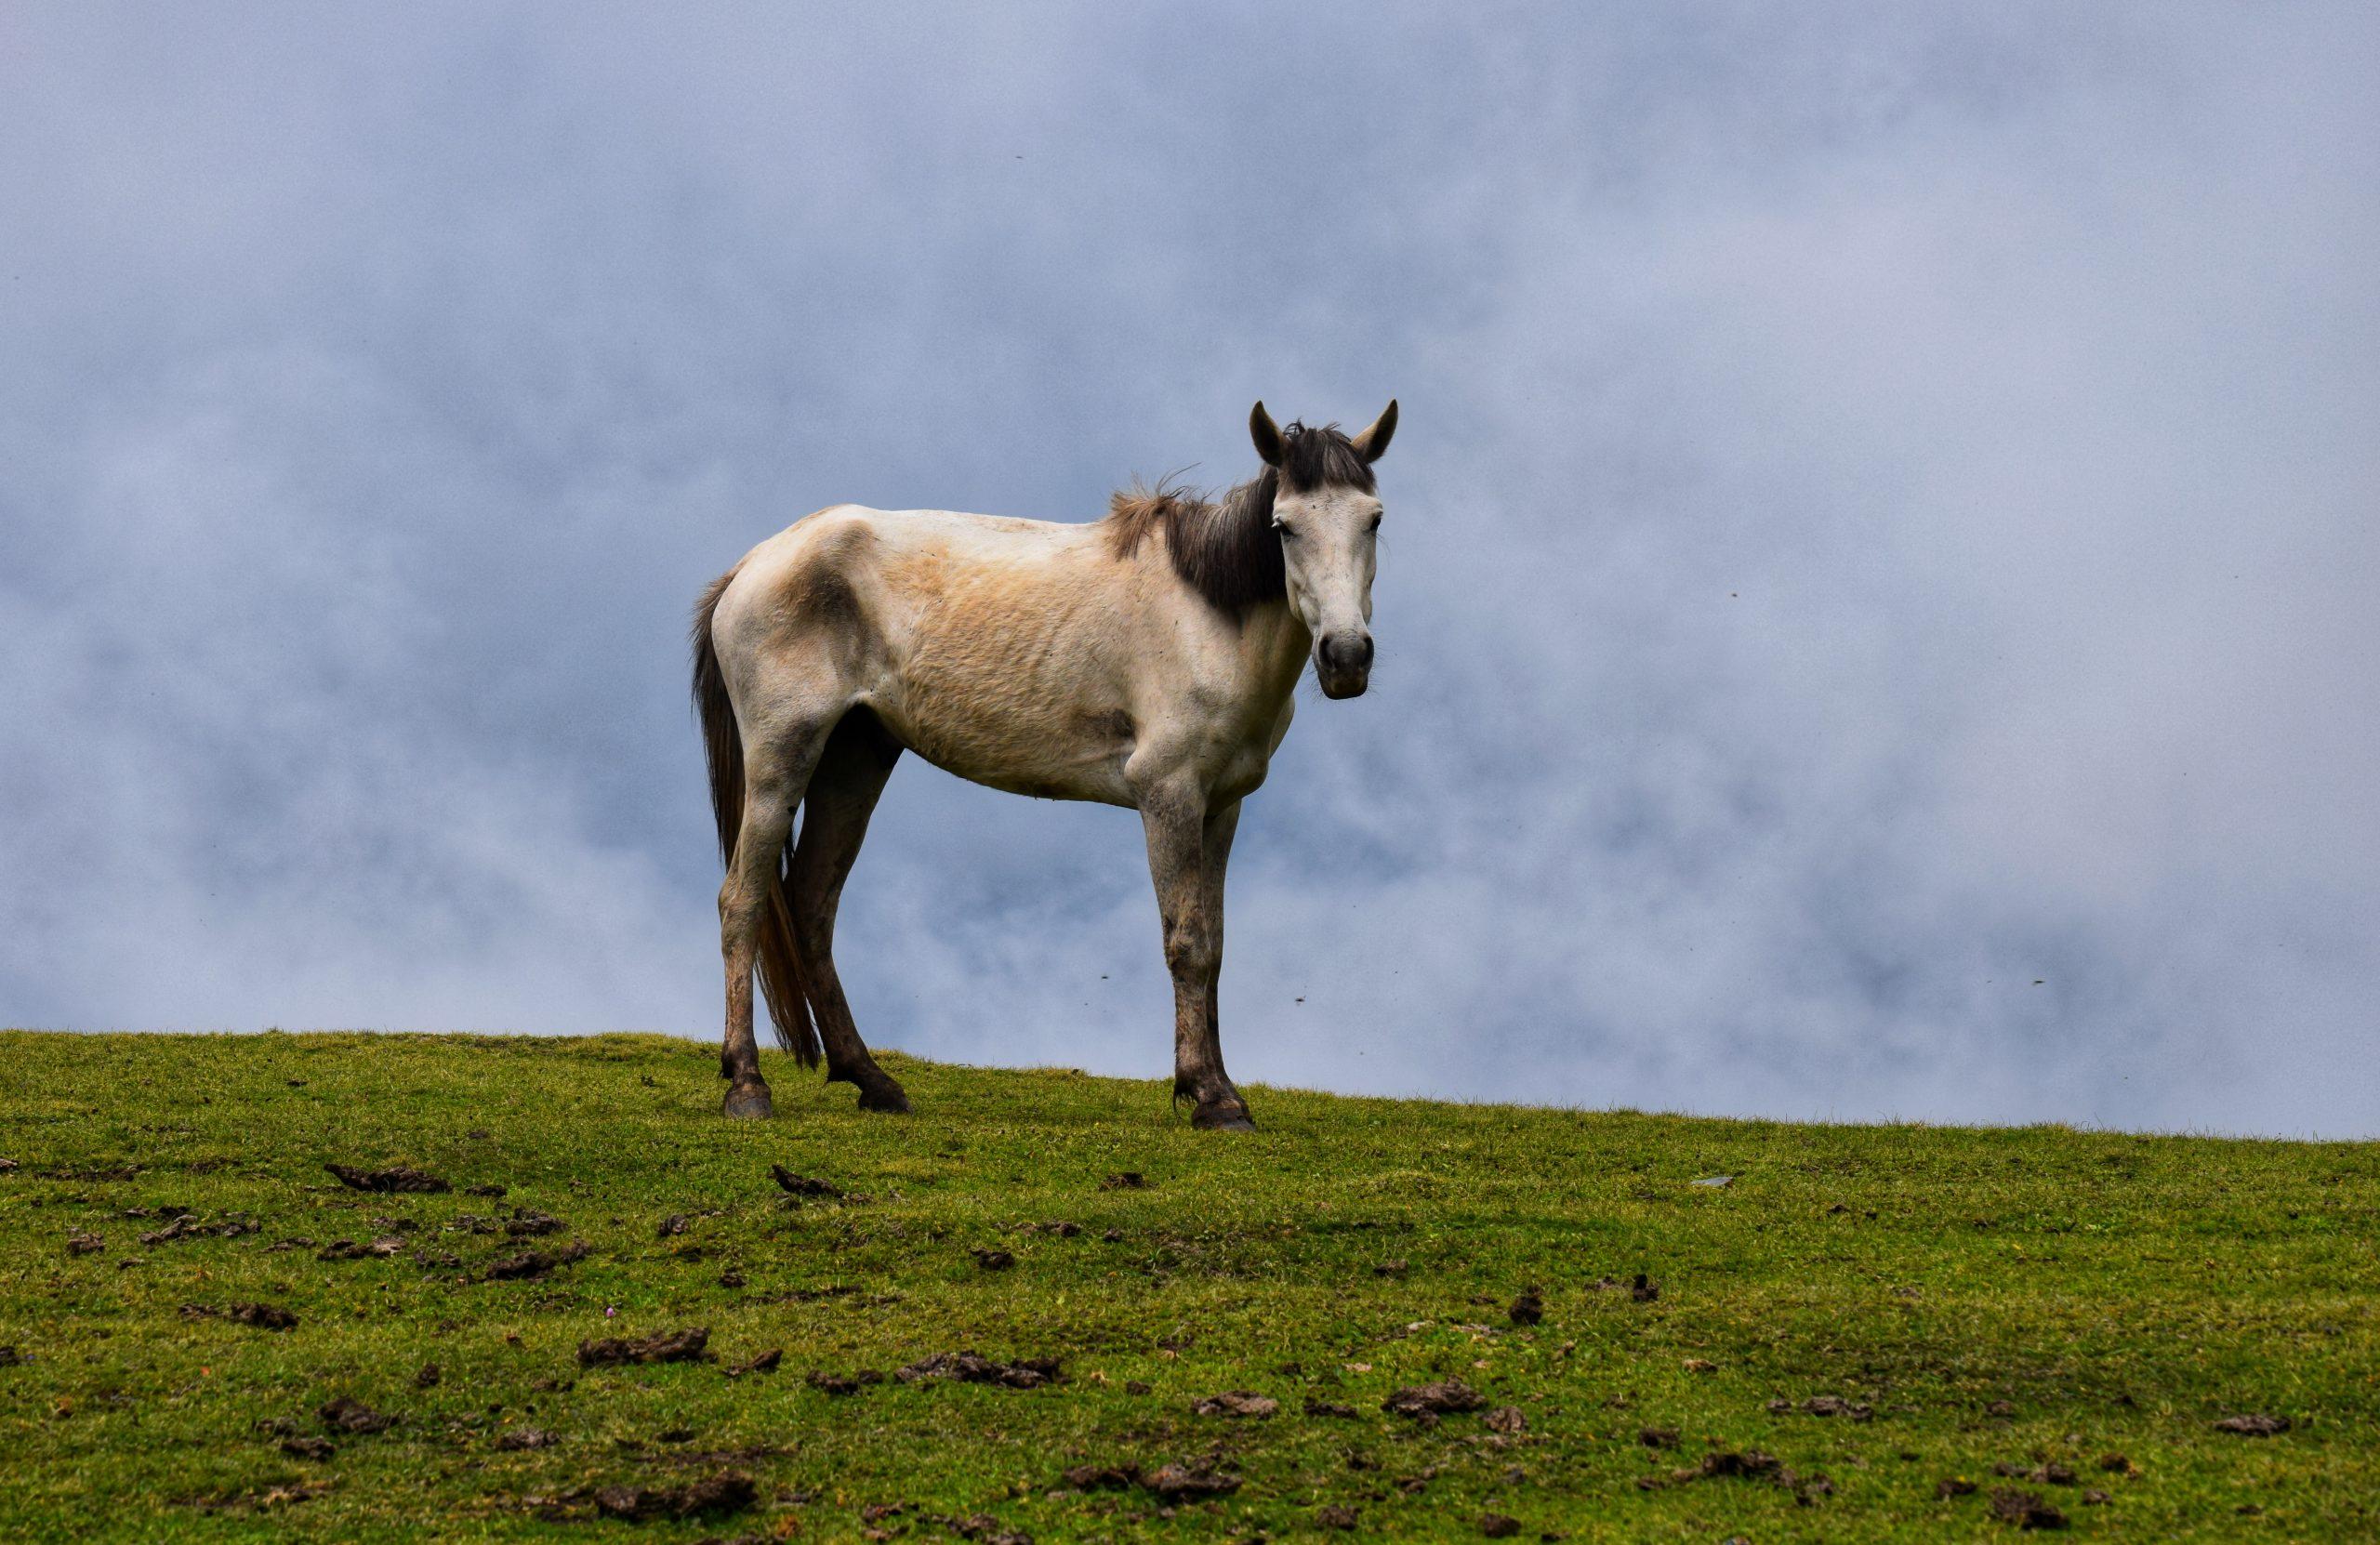 Ethiopian Horses in Kashmir